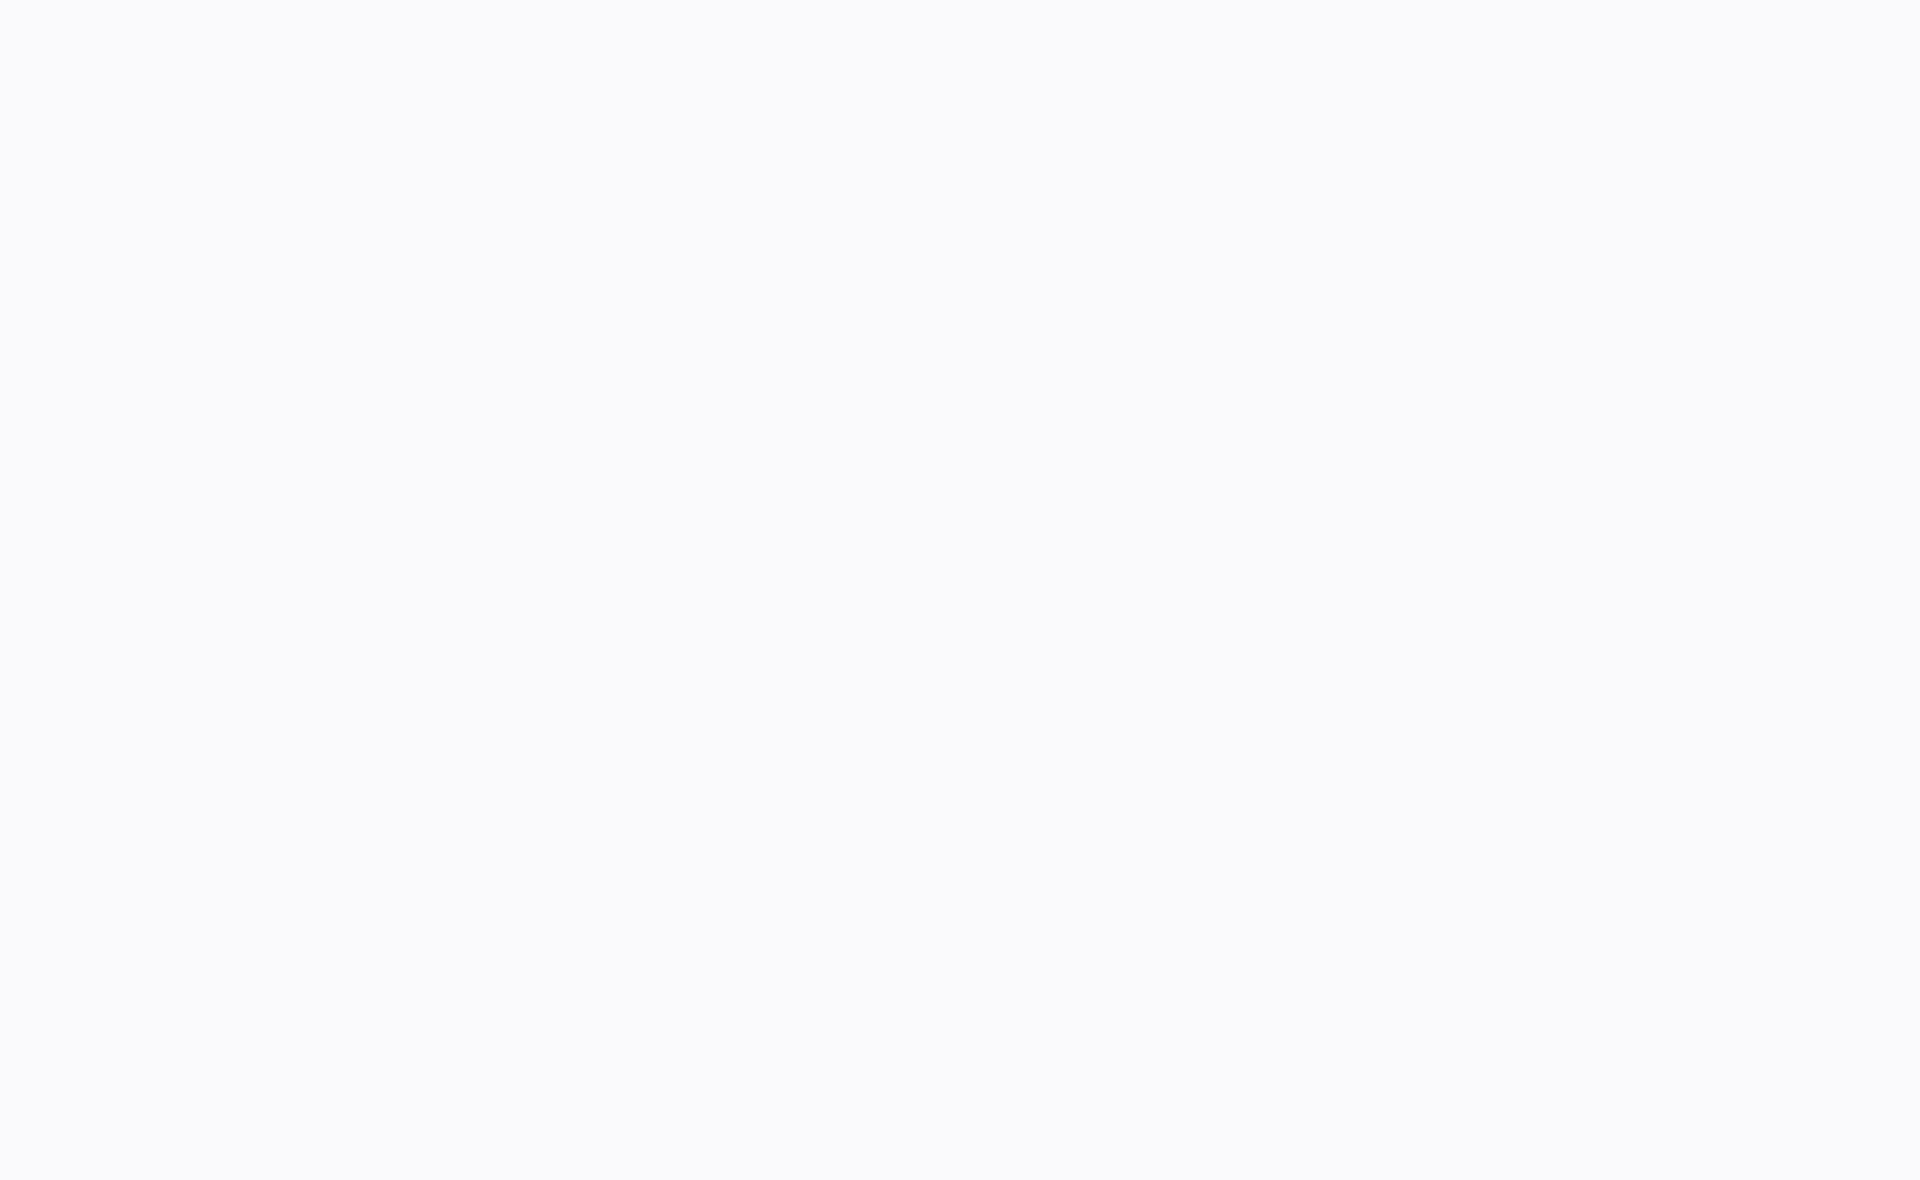 bg shape